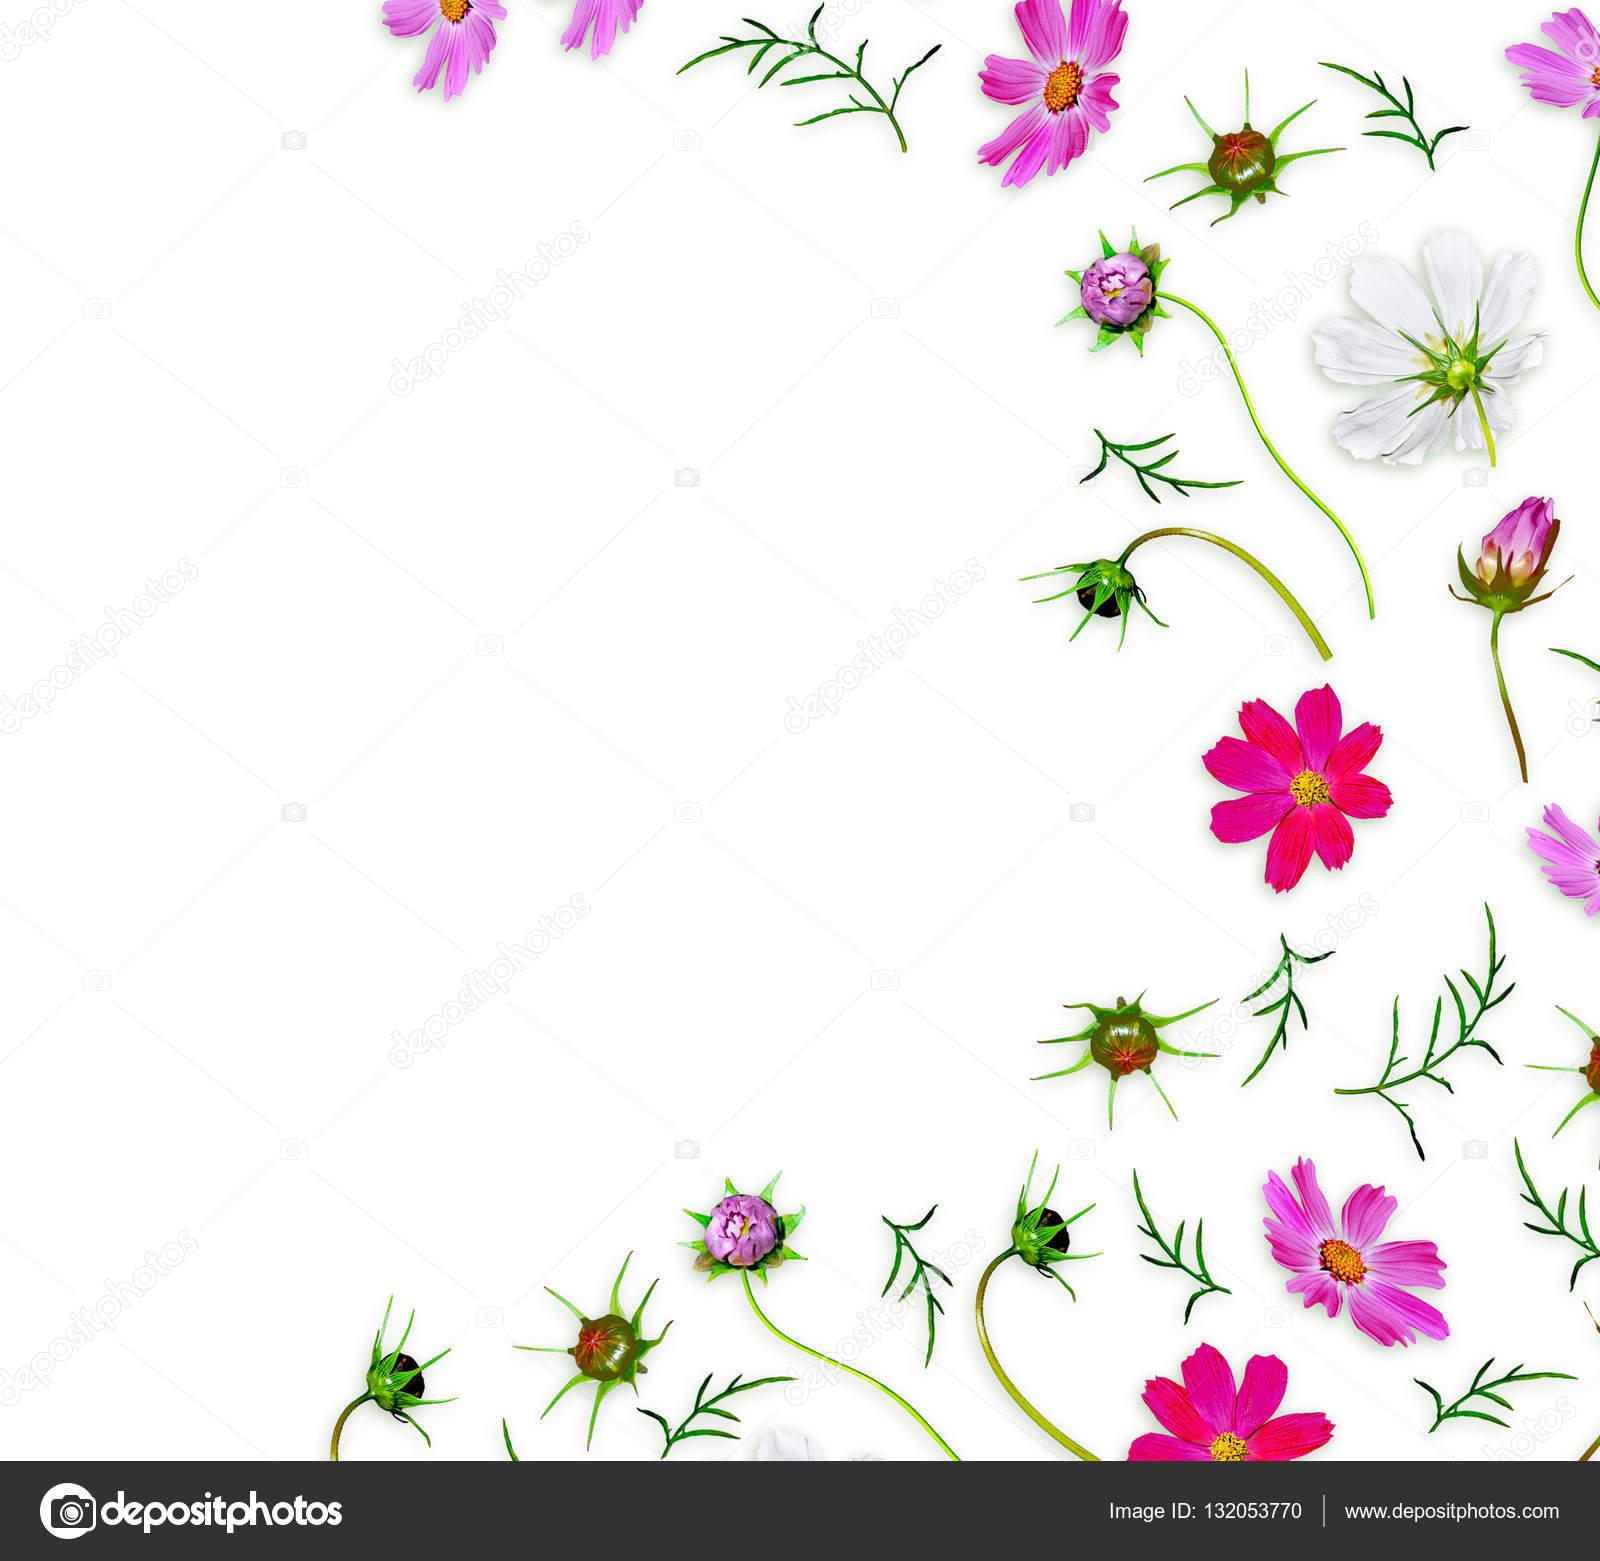 Fondo Blanco Con Flores Petunias Aislados Sobre Fondo Blanco